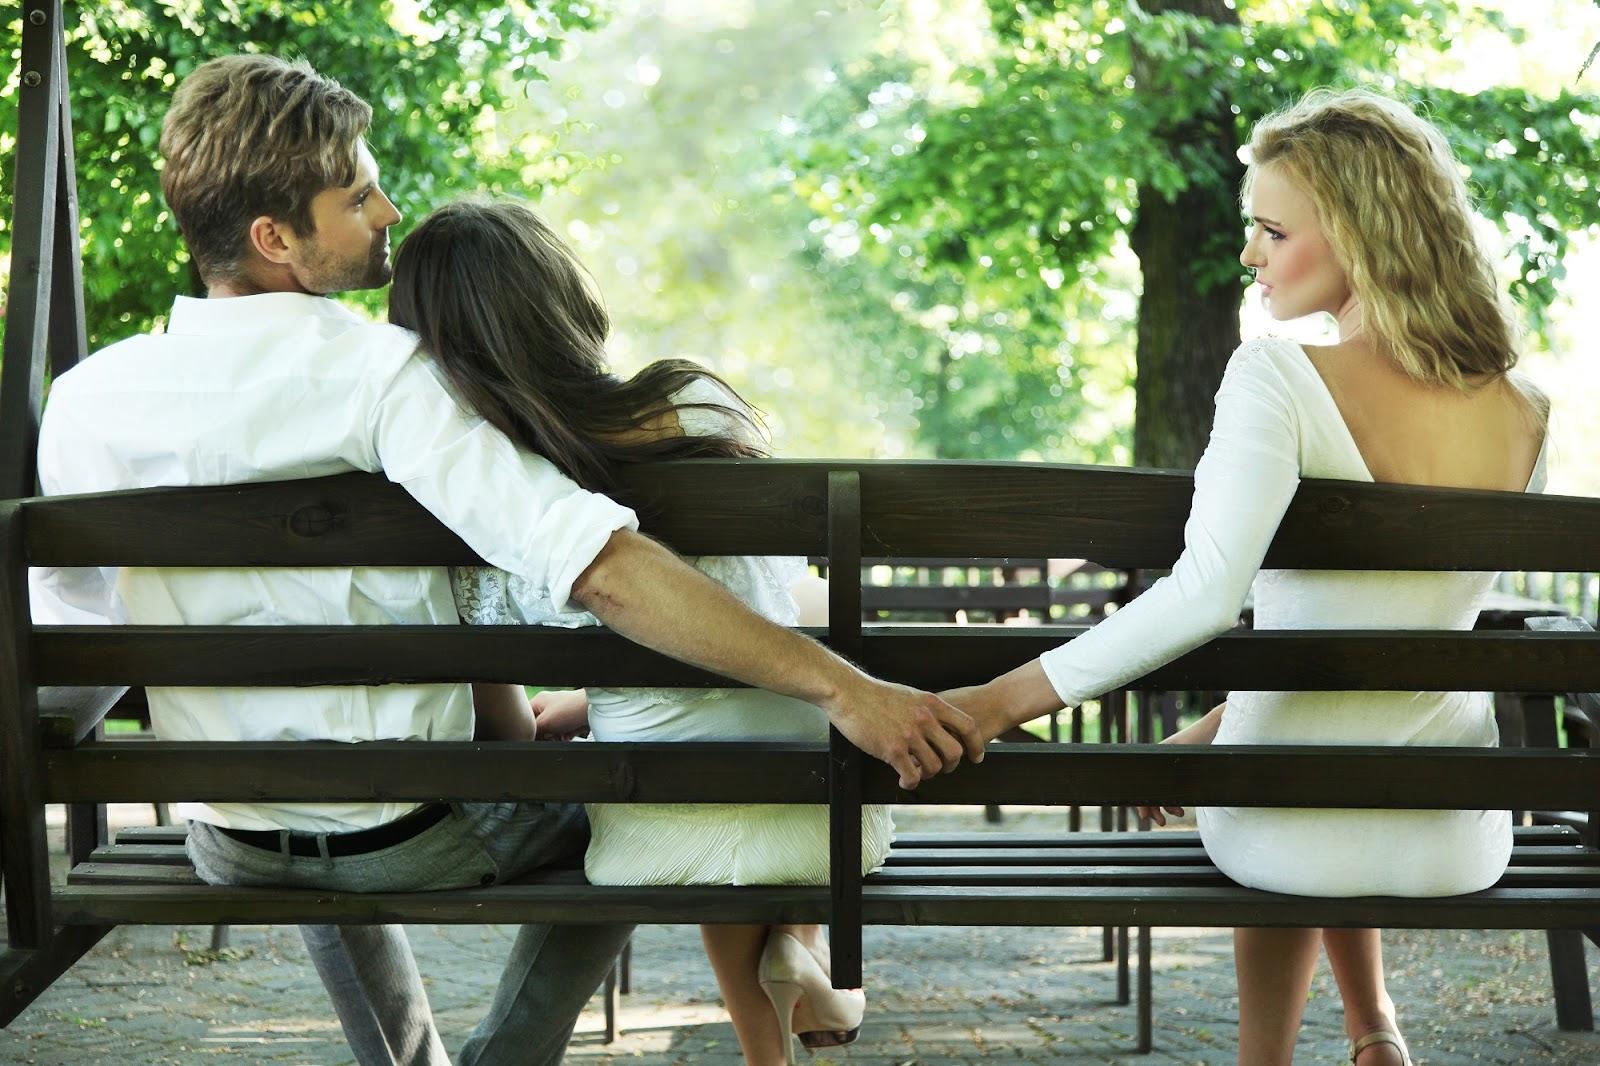 Bị người yêu phản bội nên làm gì?